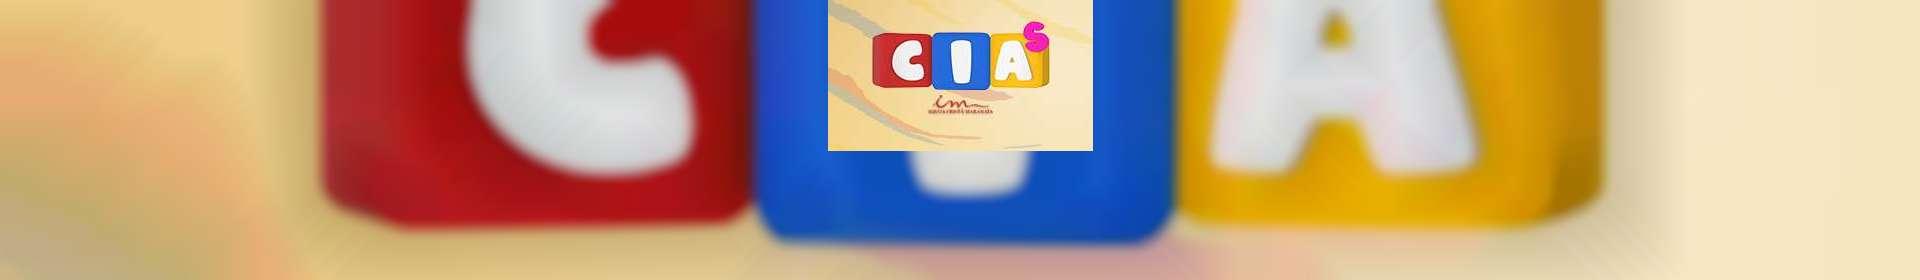 Aula de CIAS: classe de 11 a 15 anos - 09 de julho de 2020